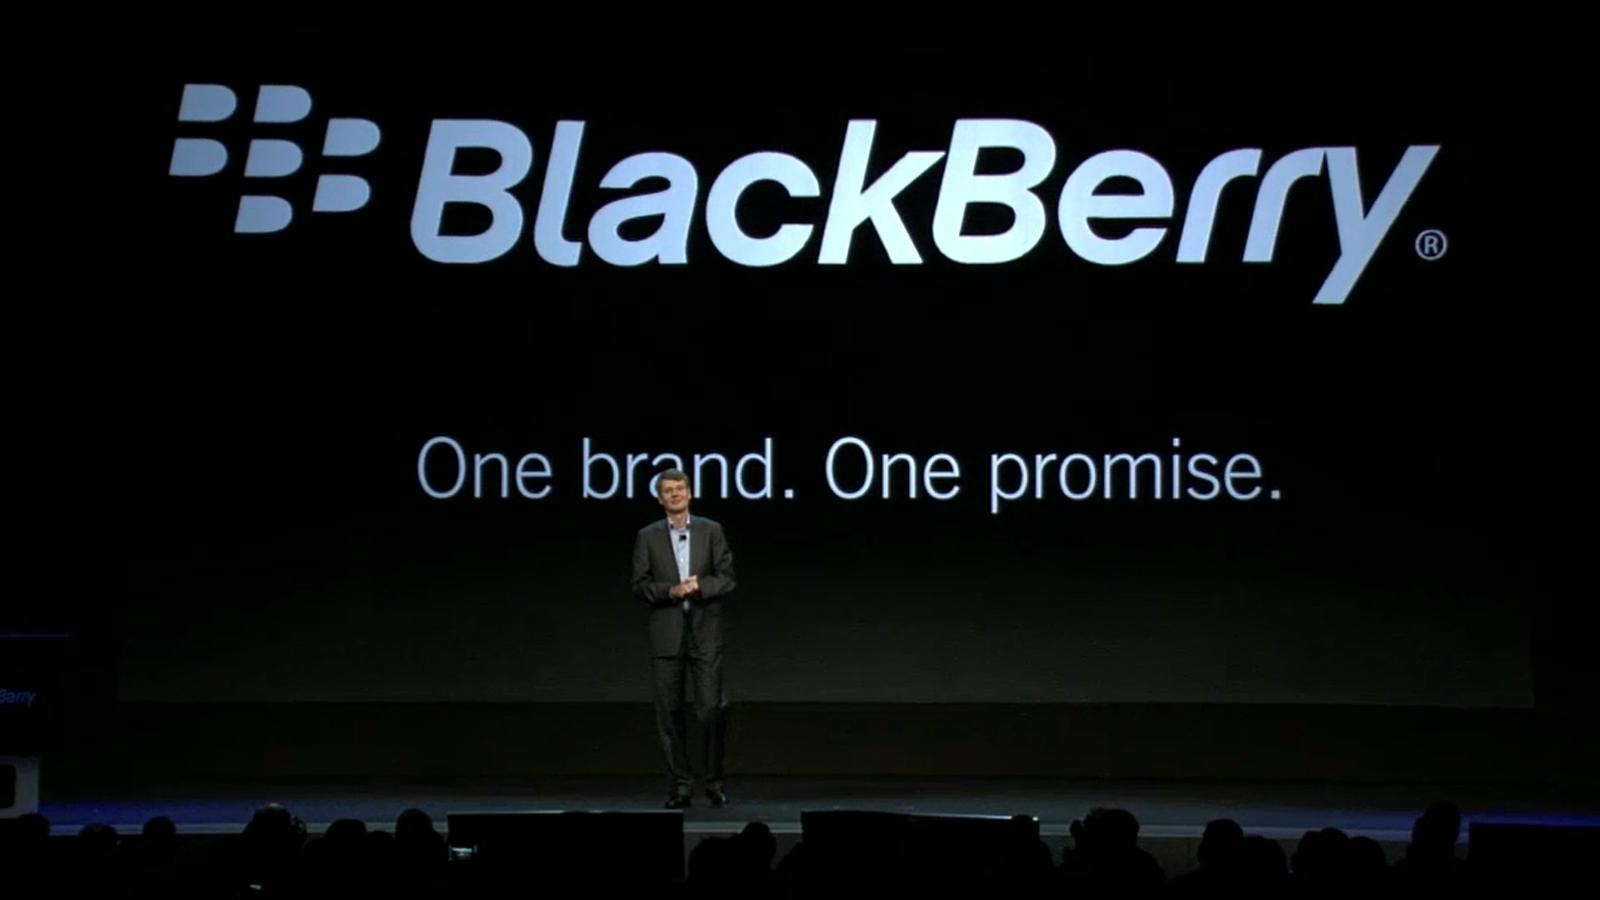 RIM benennt sich zu BlackBerry um